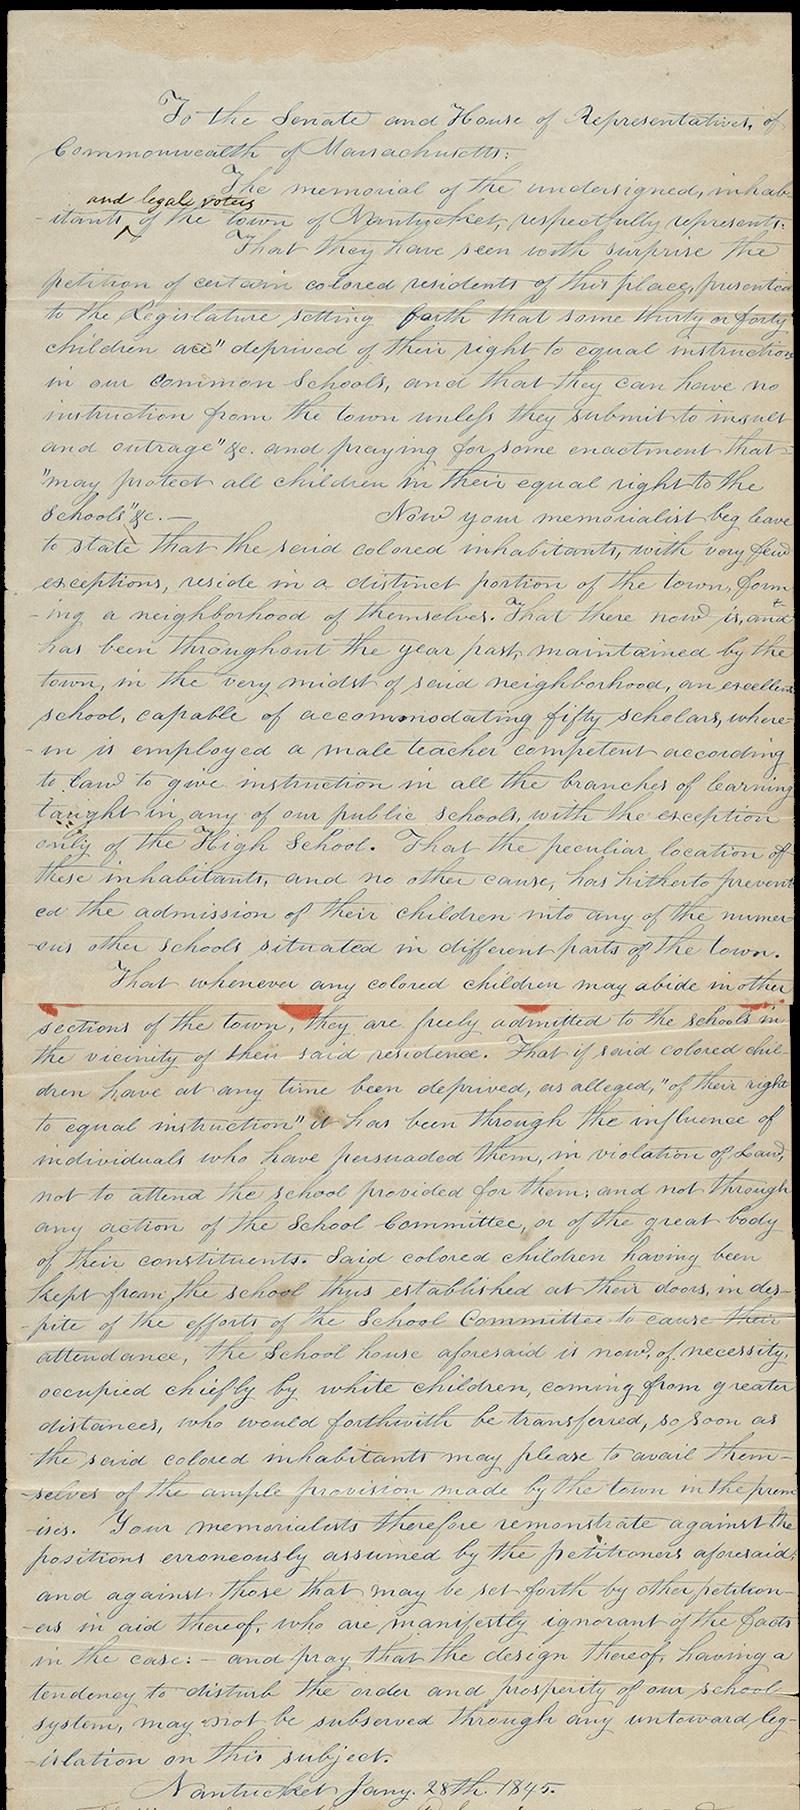 Hand written petition